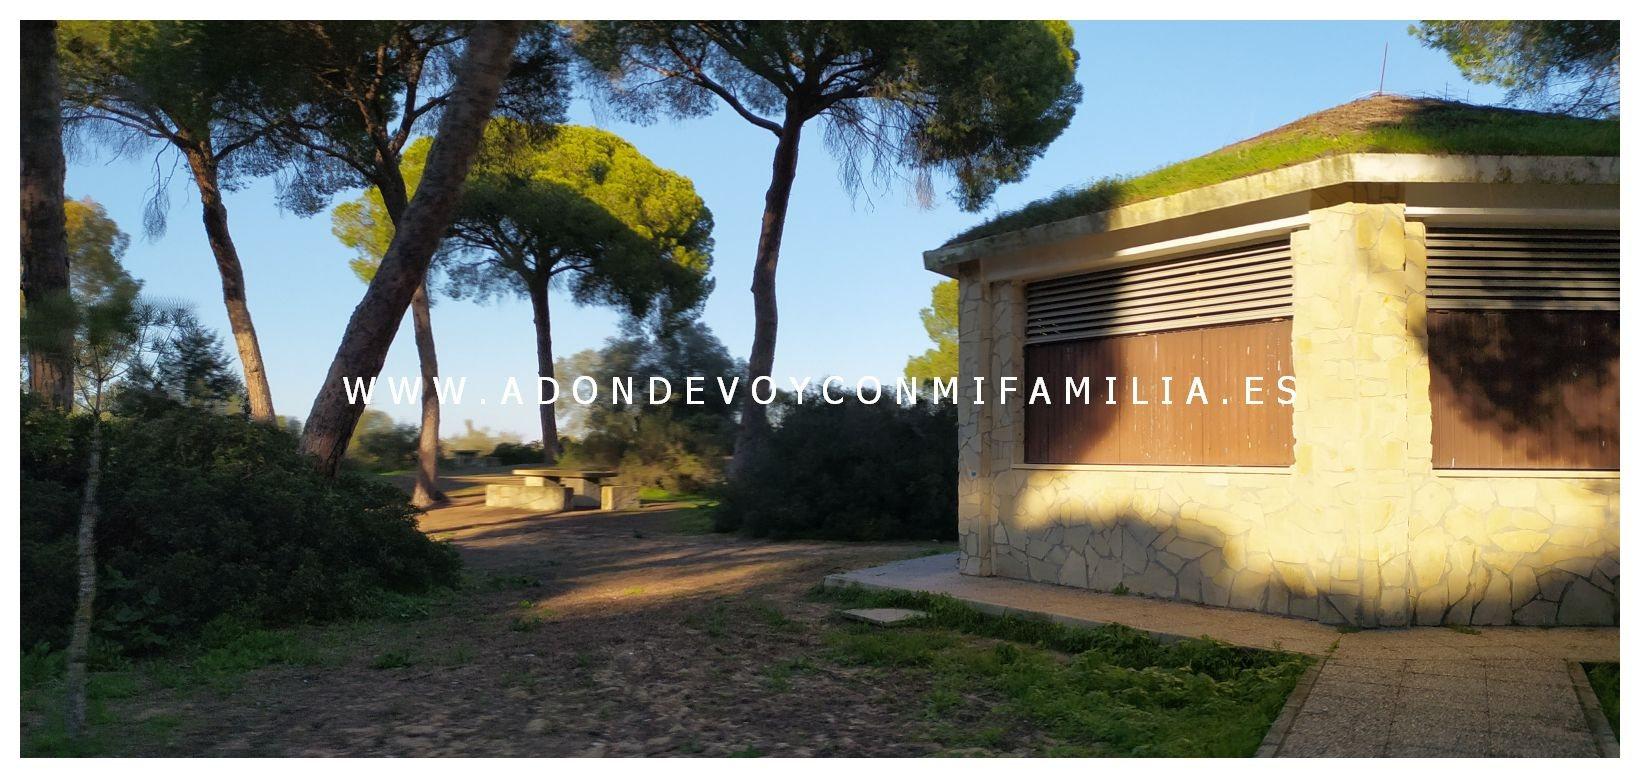 area-recreativa-la-ermita-adondevoyconmifamilia-01